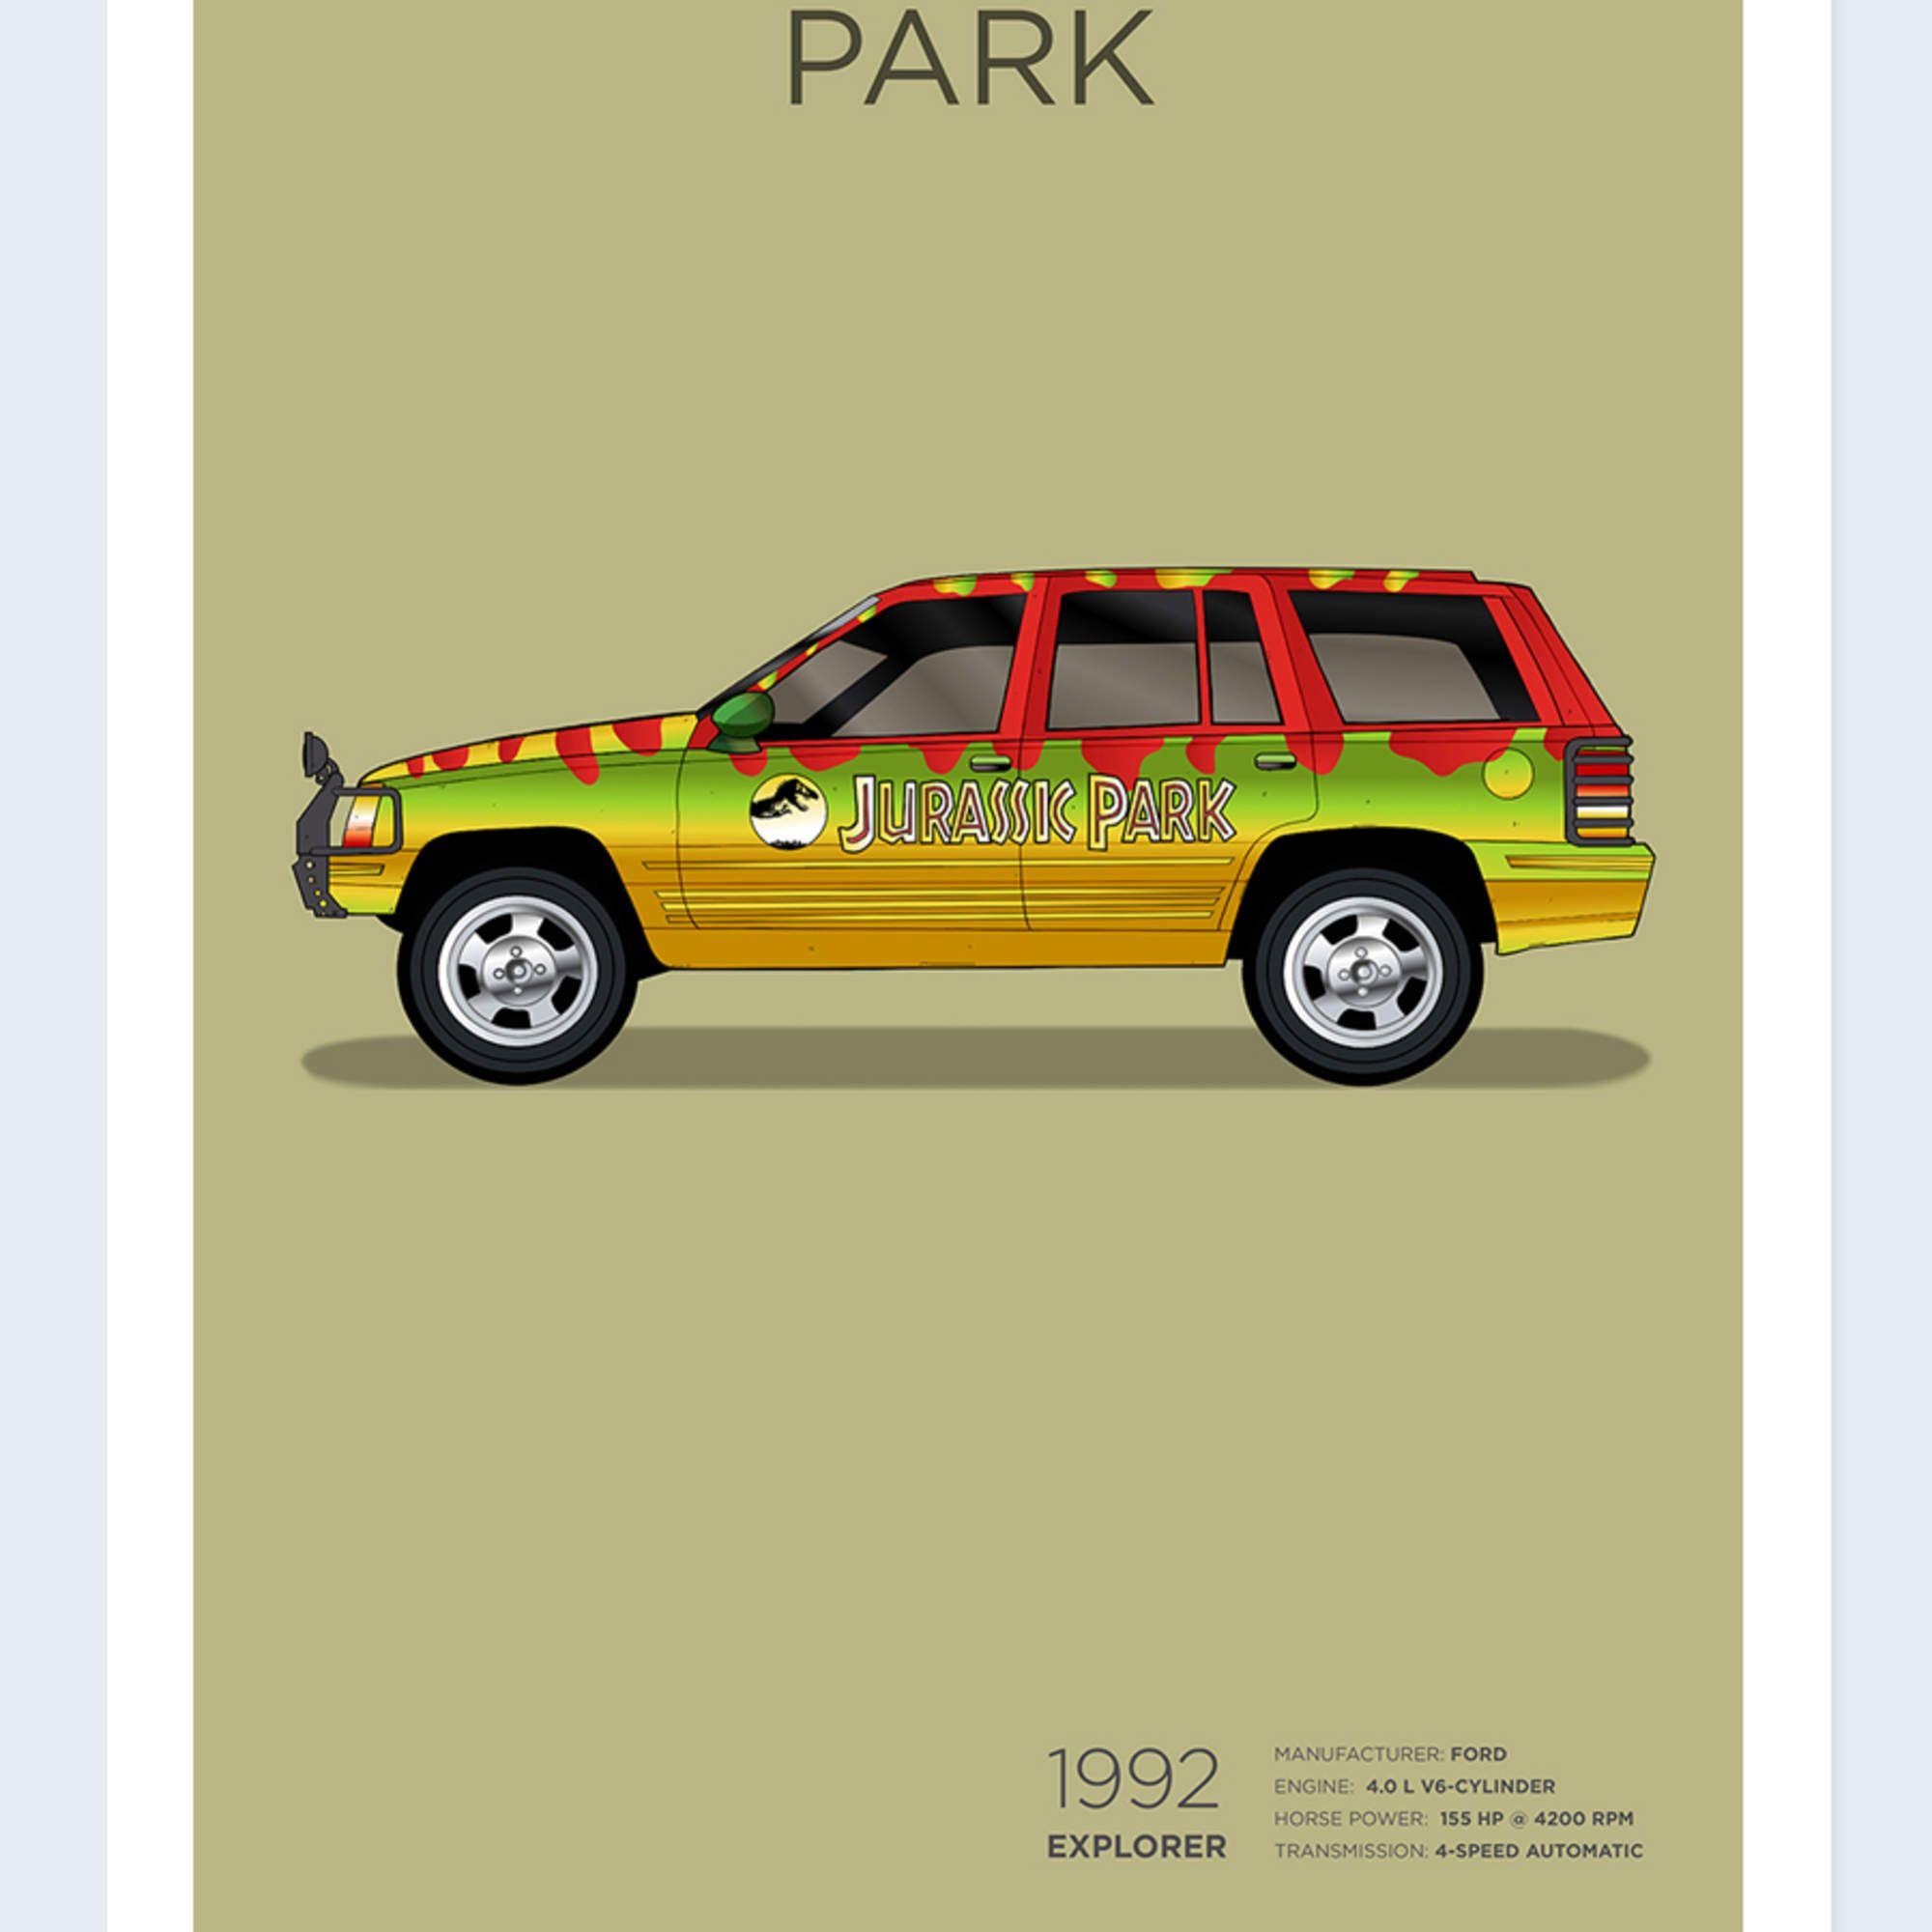 Jurassic Park 1992 Ford Explorer